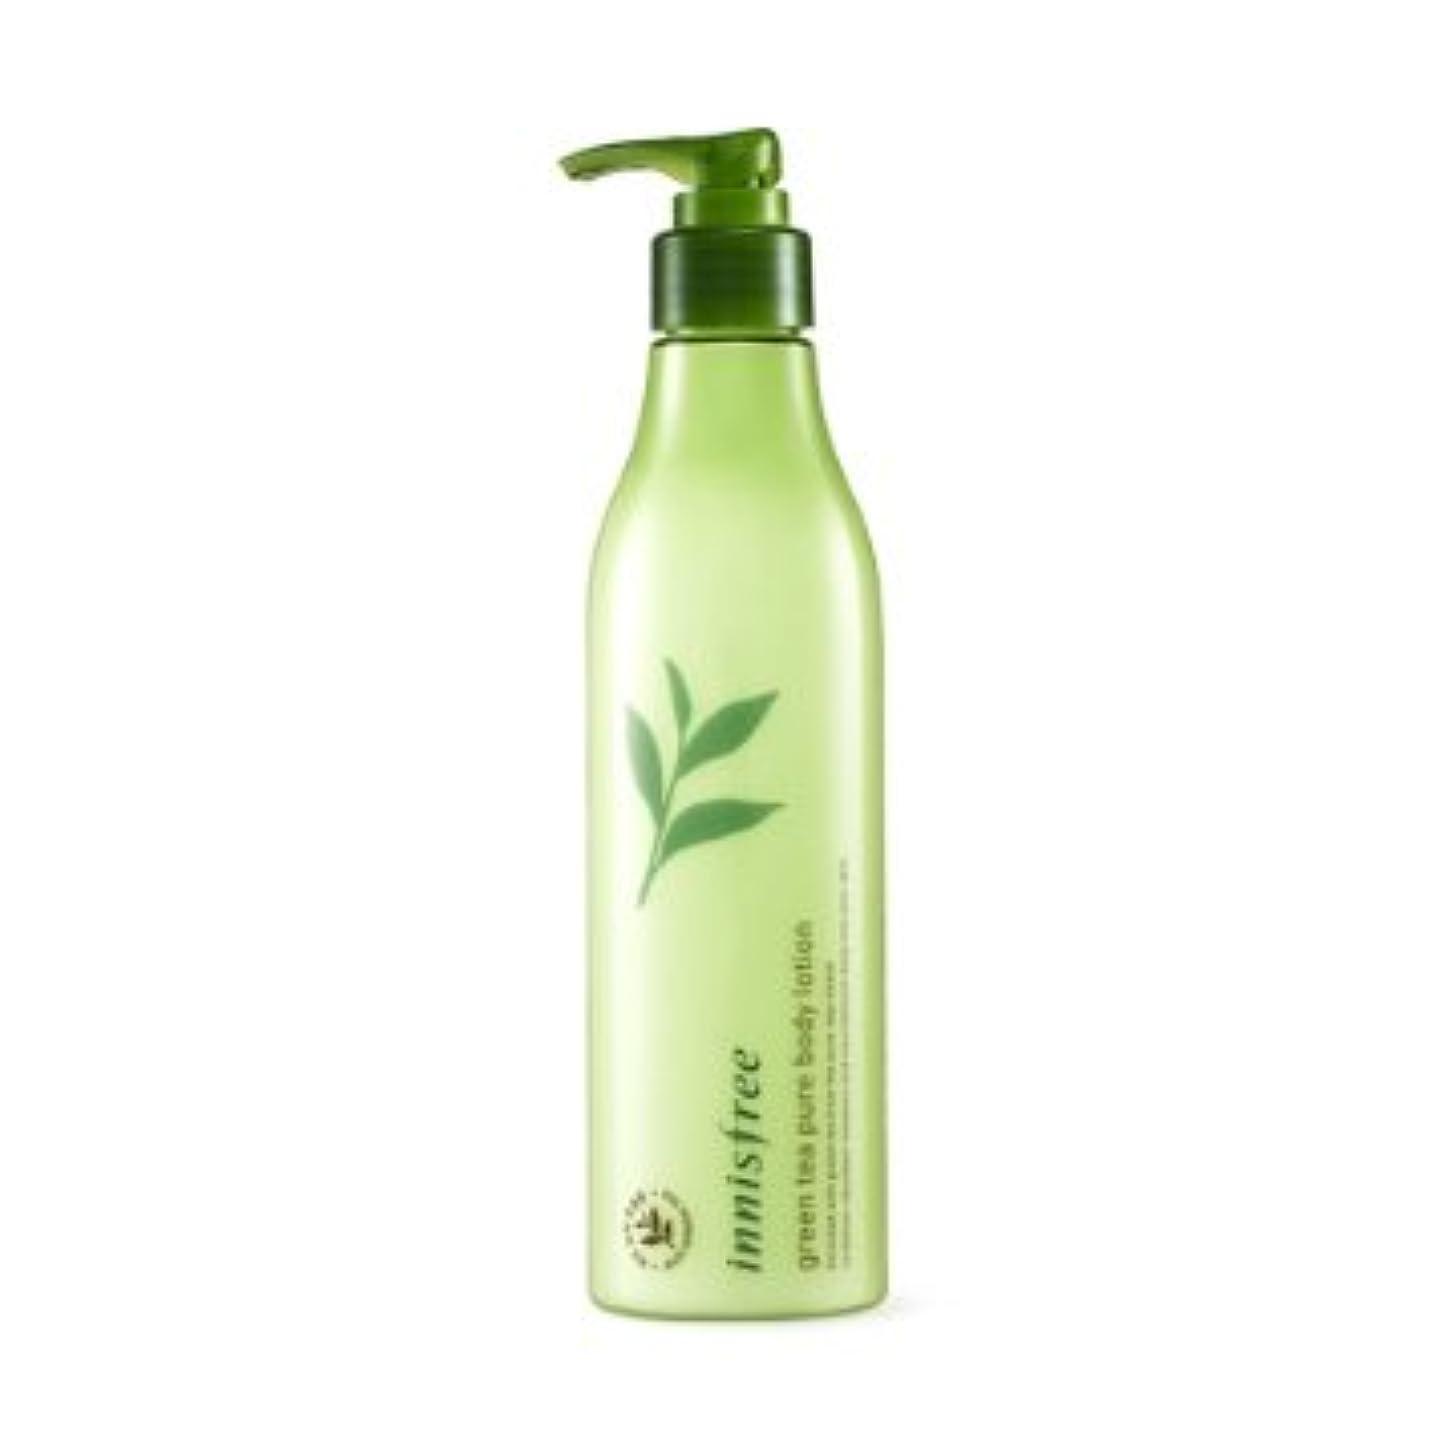 処方するアッパーエンゲージメント【イニスフリー】Innisfree green tea pure body lotion - 300ml (韓国直送品) (SHOPPINGINSTAGRAM)